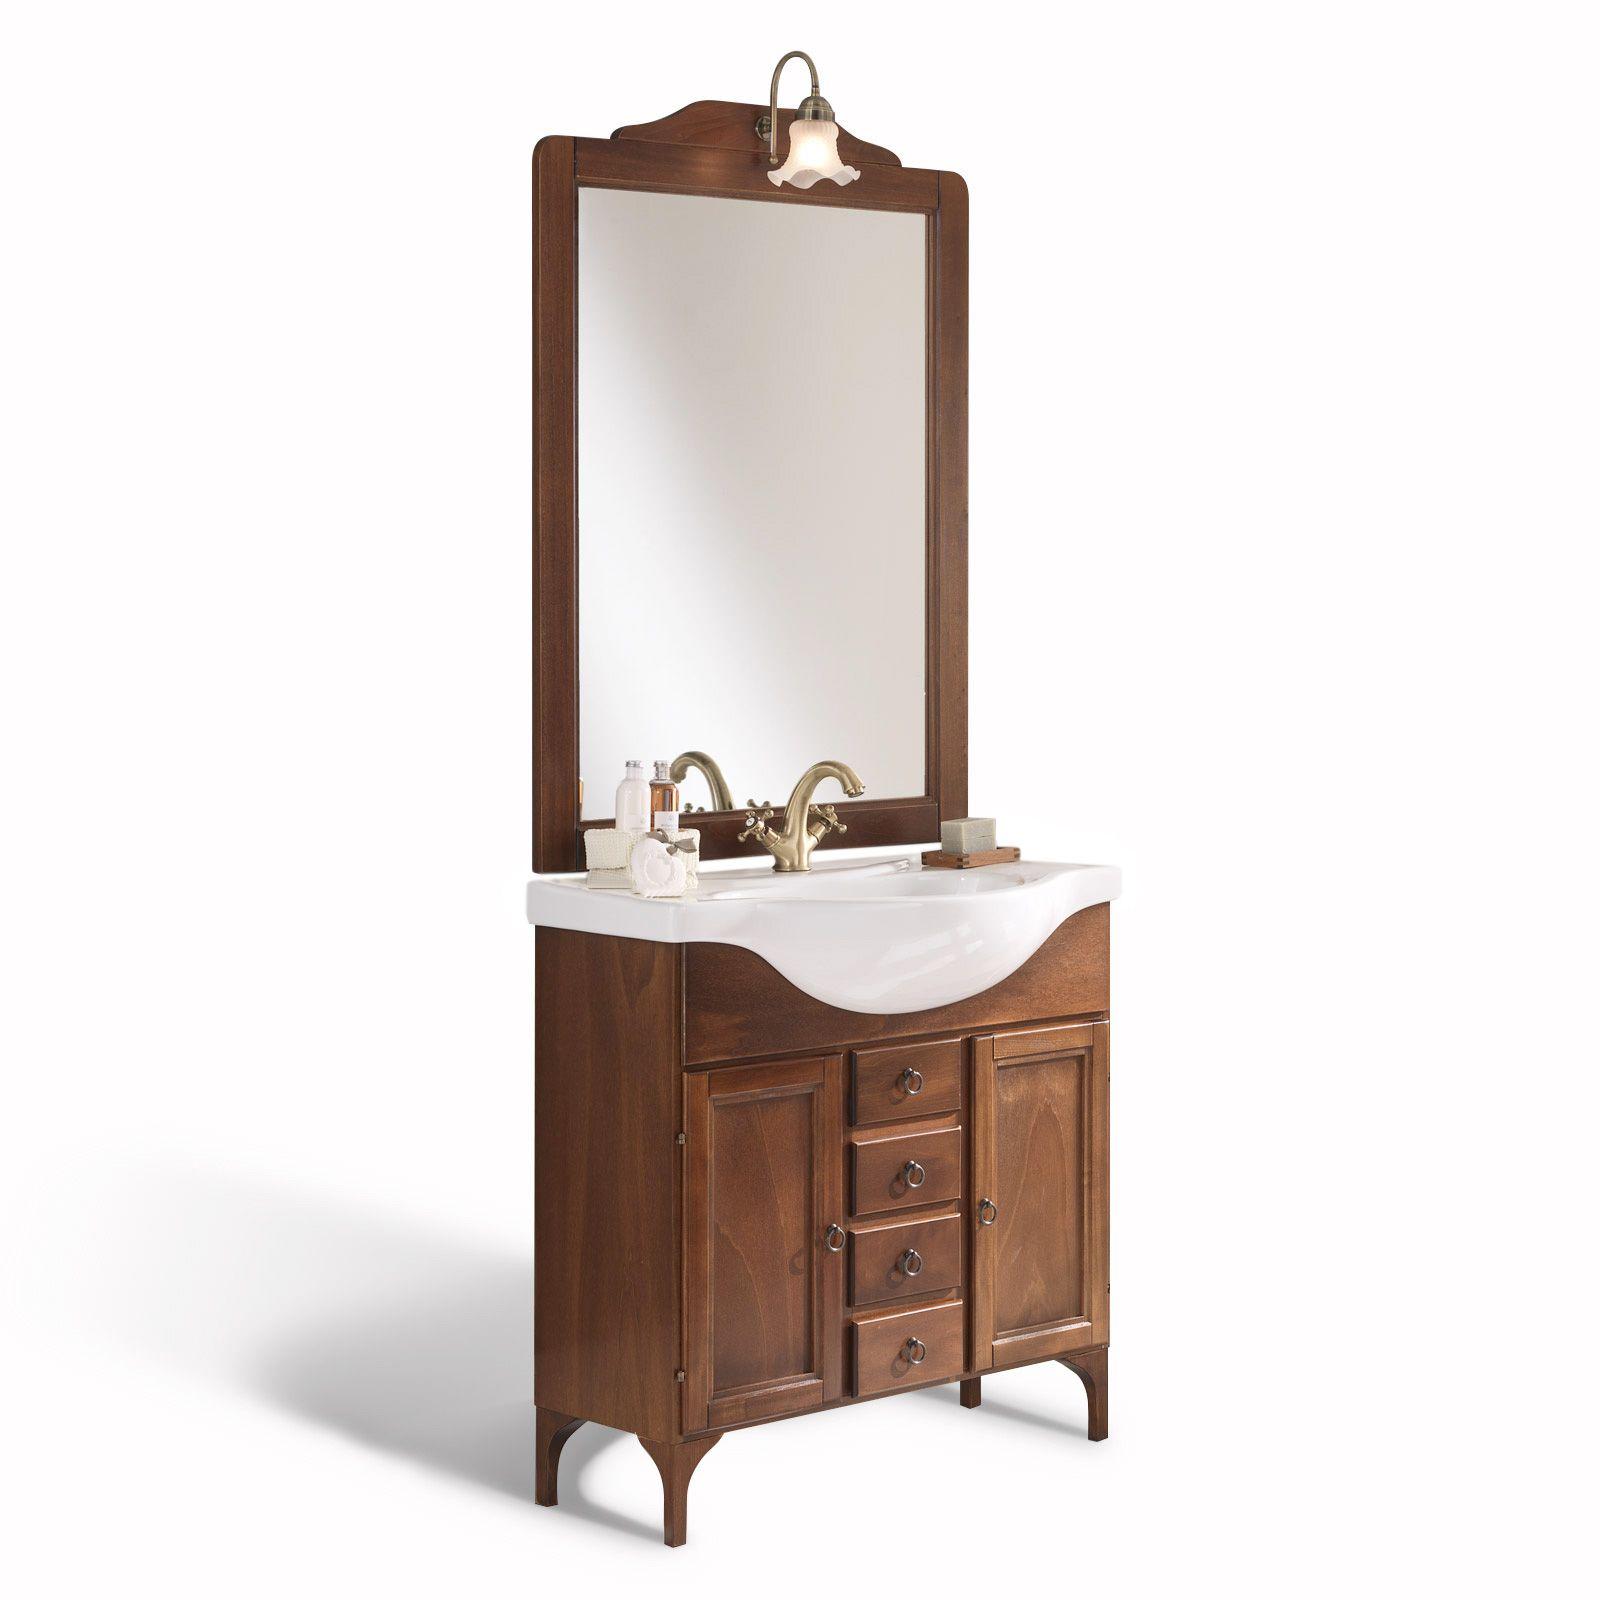 Mobile arredo da bagno arte povera cm 85 modello - Applique per specchio bagno classico ...